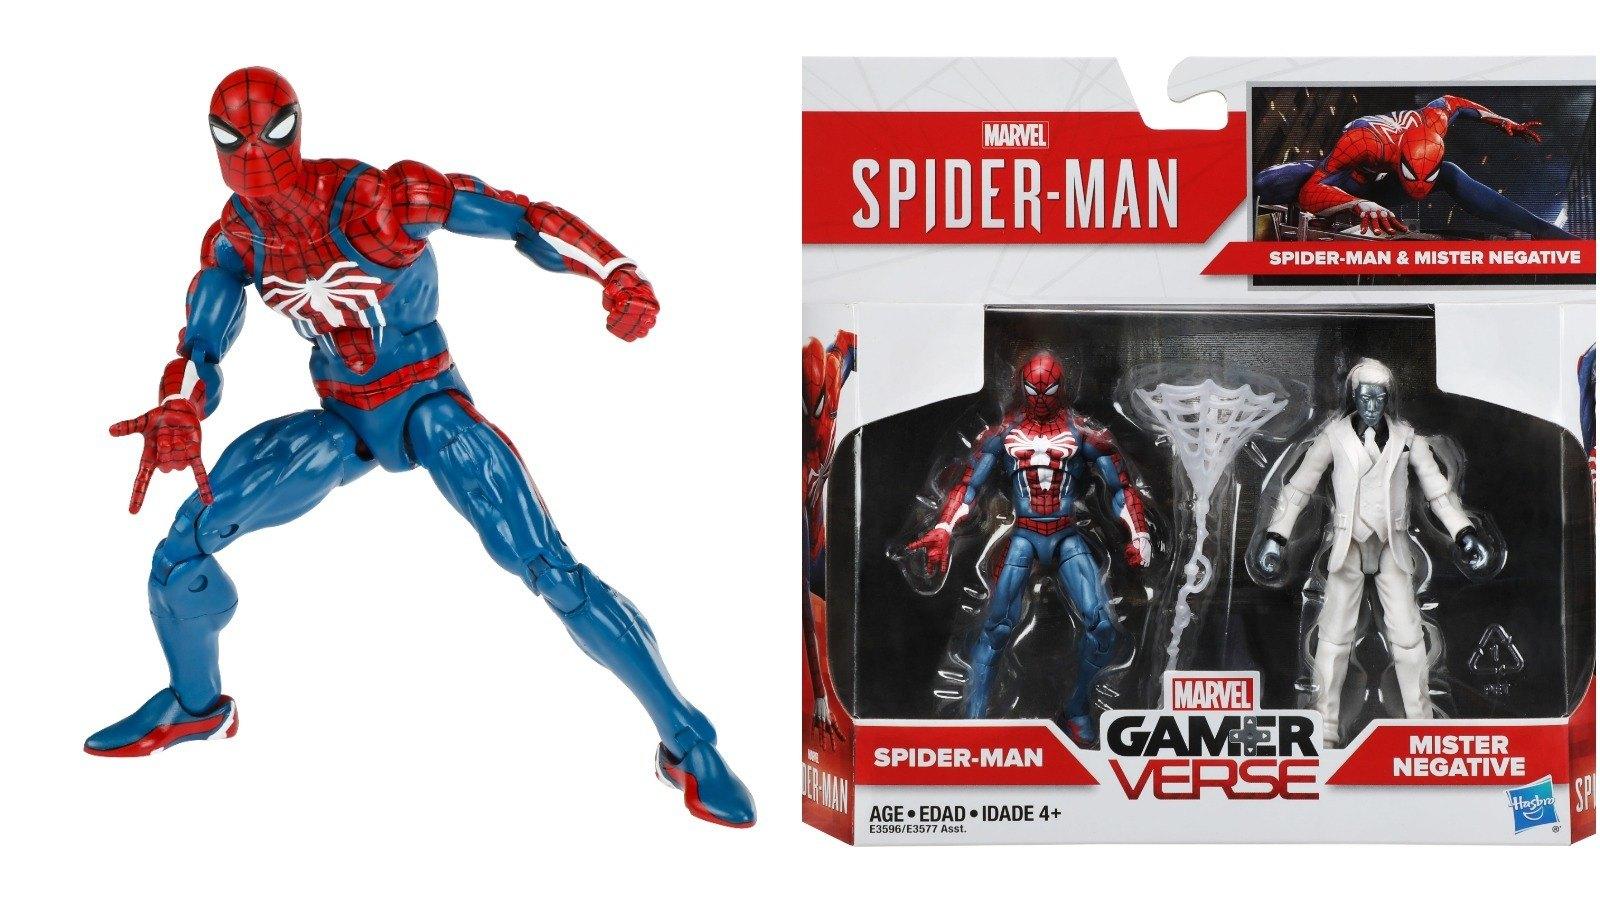 SPIDER-MAN MARVEL GAMERVERSE PS4 GAMESTOP EXCLUSIVE HASBRO ACTION FIGURE